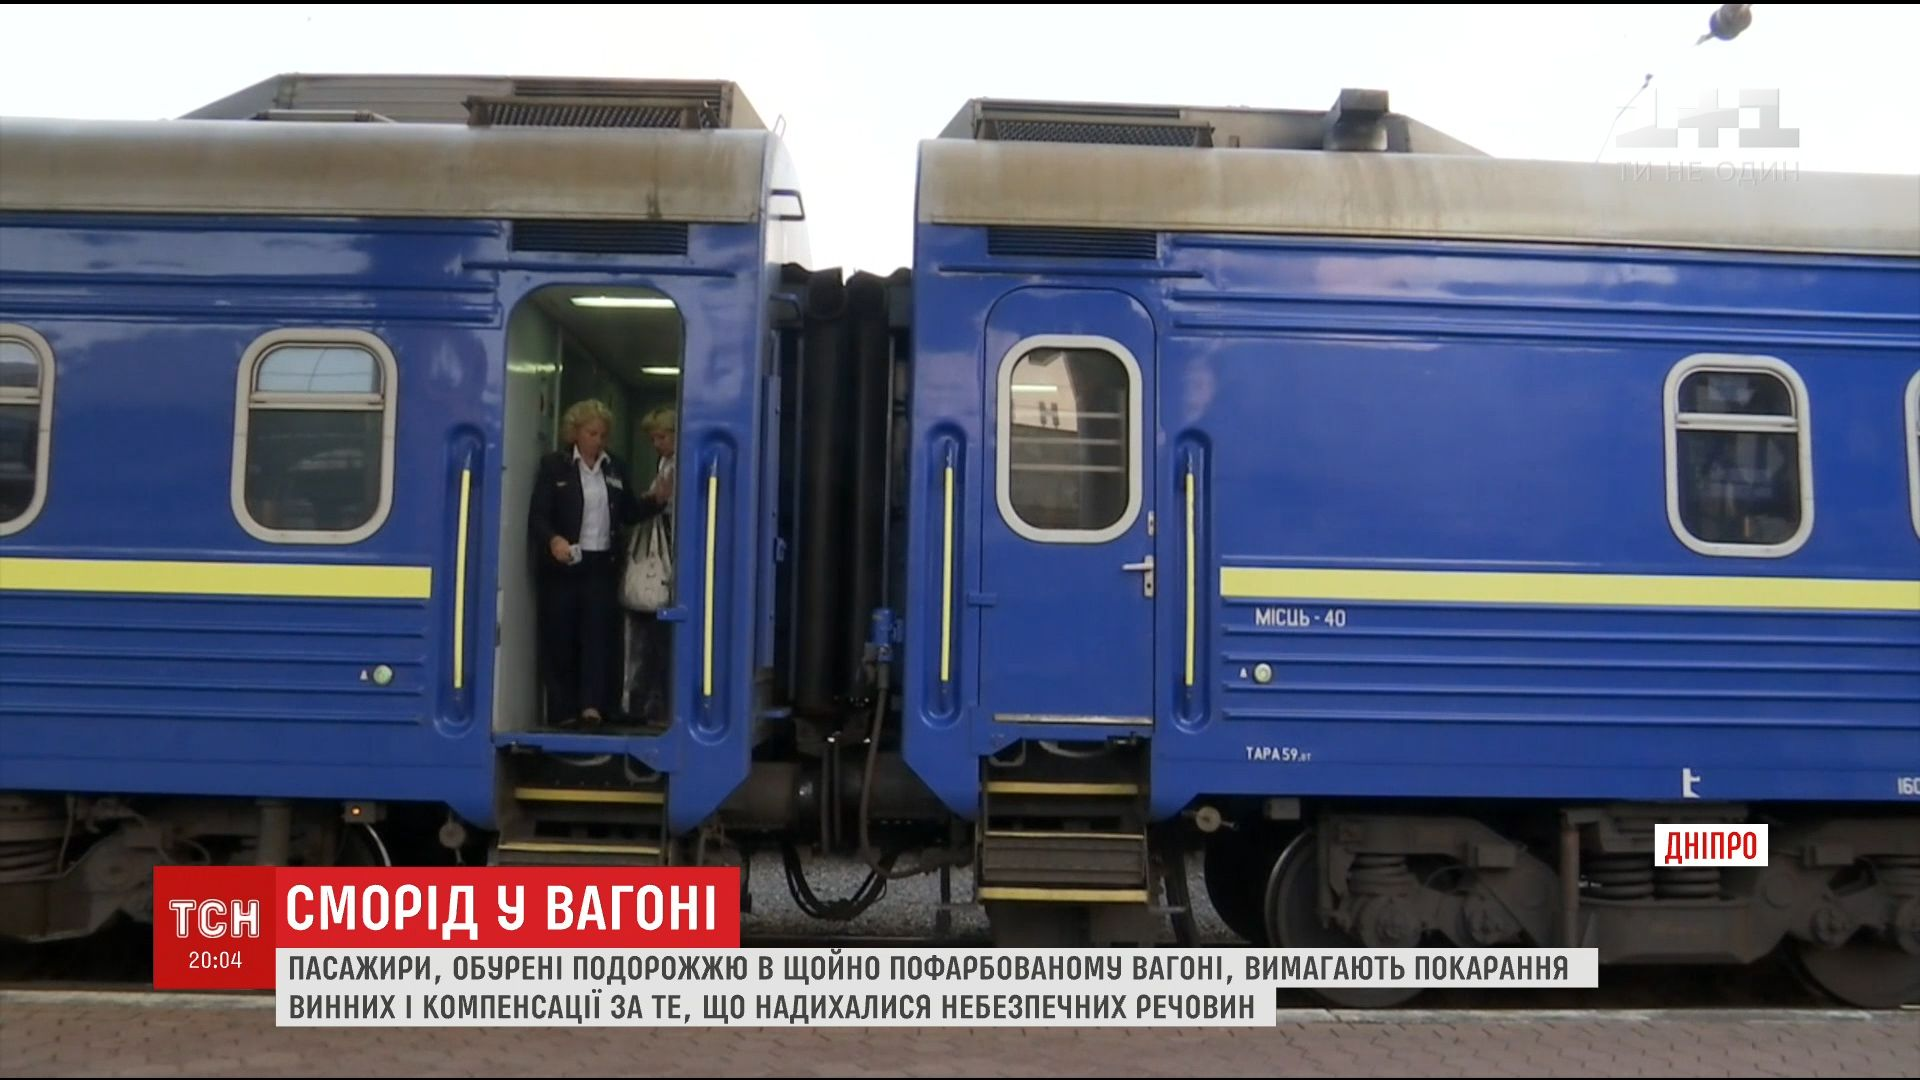 Пассажиры поезда еле пережили поездку через вонь свежей краски / скриншот